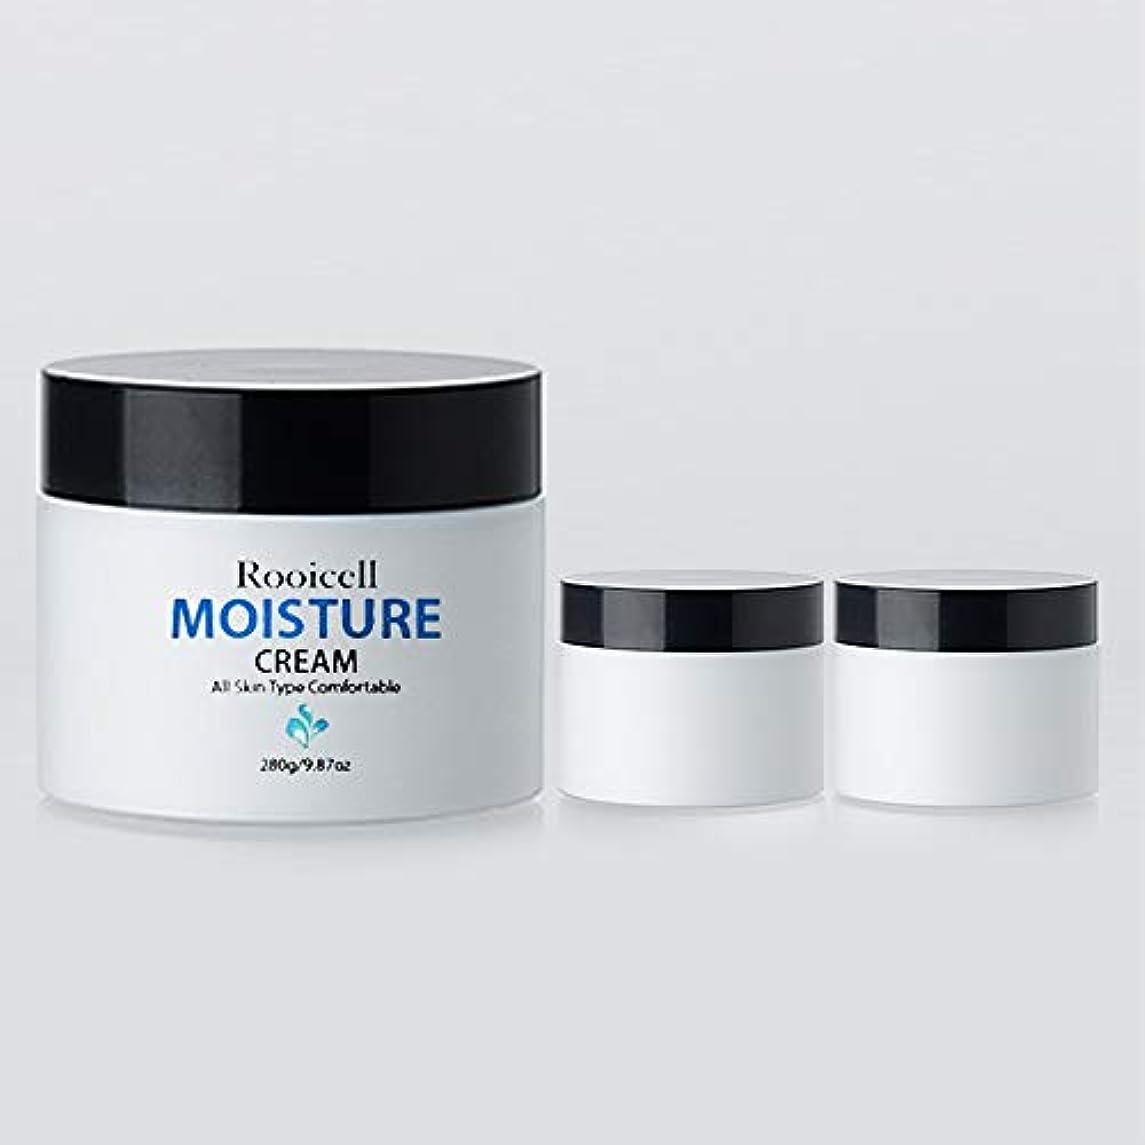 先に宣教師変装[ Rooicell ] ルイセル モイスチャークリーム 280g Korea cosmetic (moisture cream 280g)